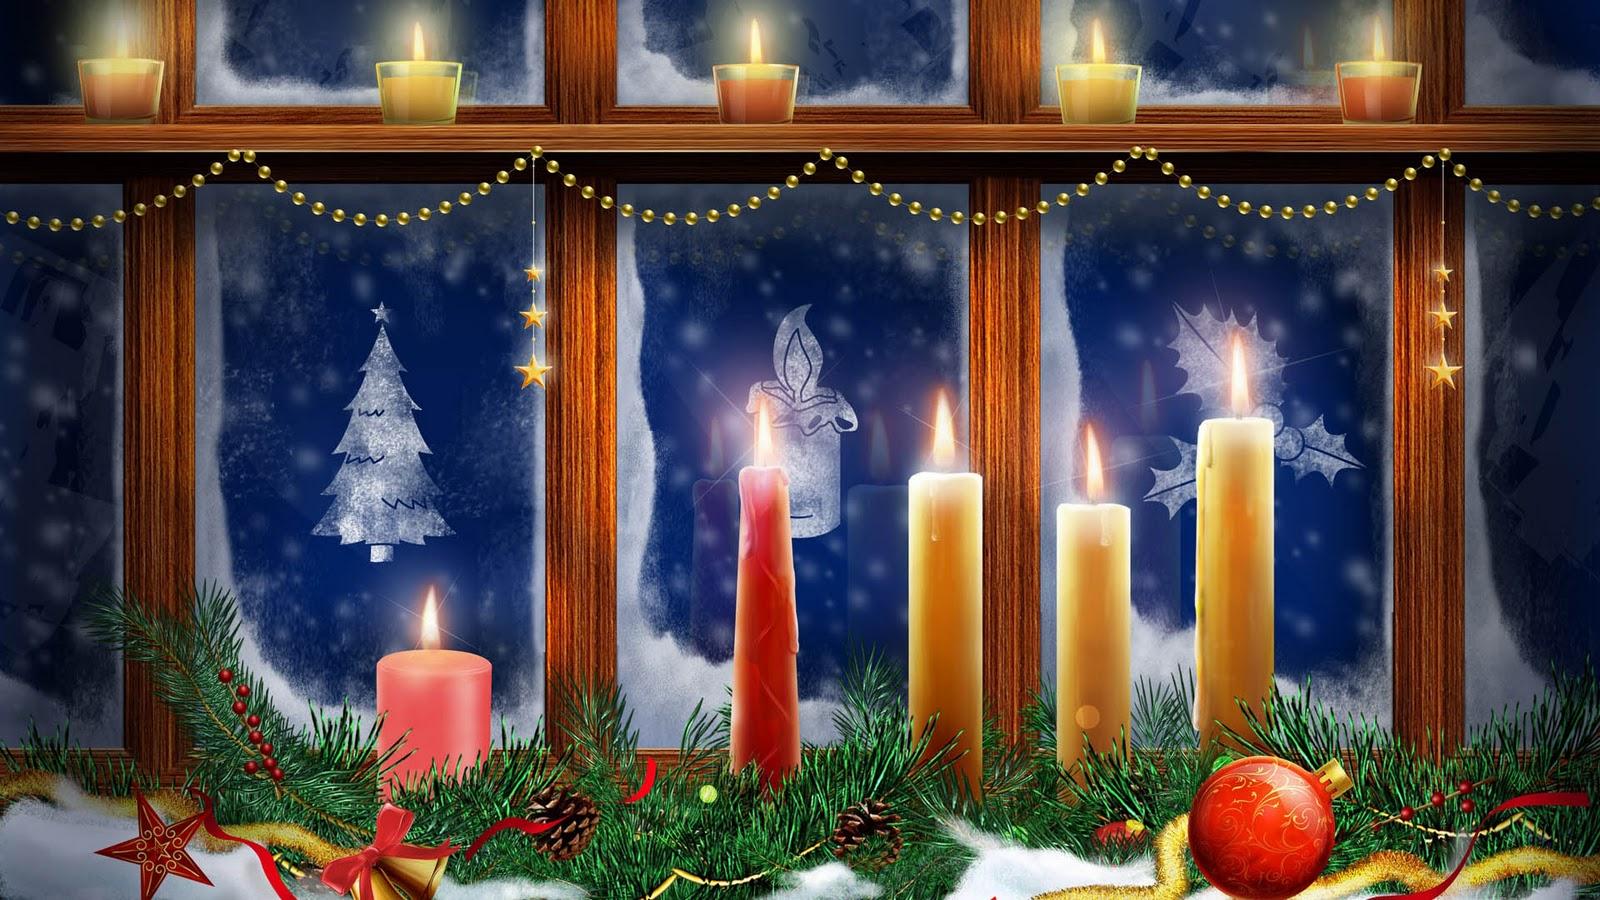 http://3.bp.blogspot.com/-kXSQKik4coI/Tqk2wkNXAhI/AAAAAAAAOqQ/D5AtQbHC_DE/s1600/Mooie-kerst-achtergronden-leuke-hd-kerst-wallpapers-afbeeldingen-plaatjes-foto-6.jpg